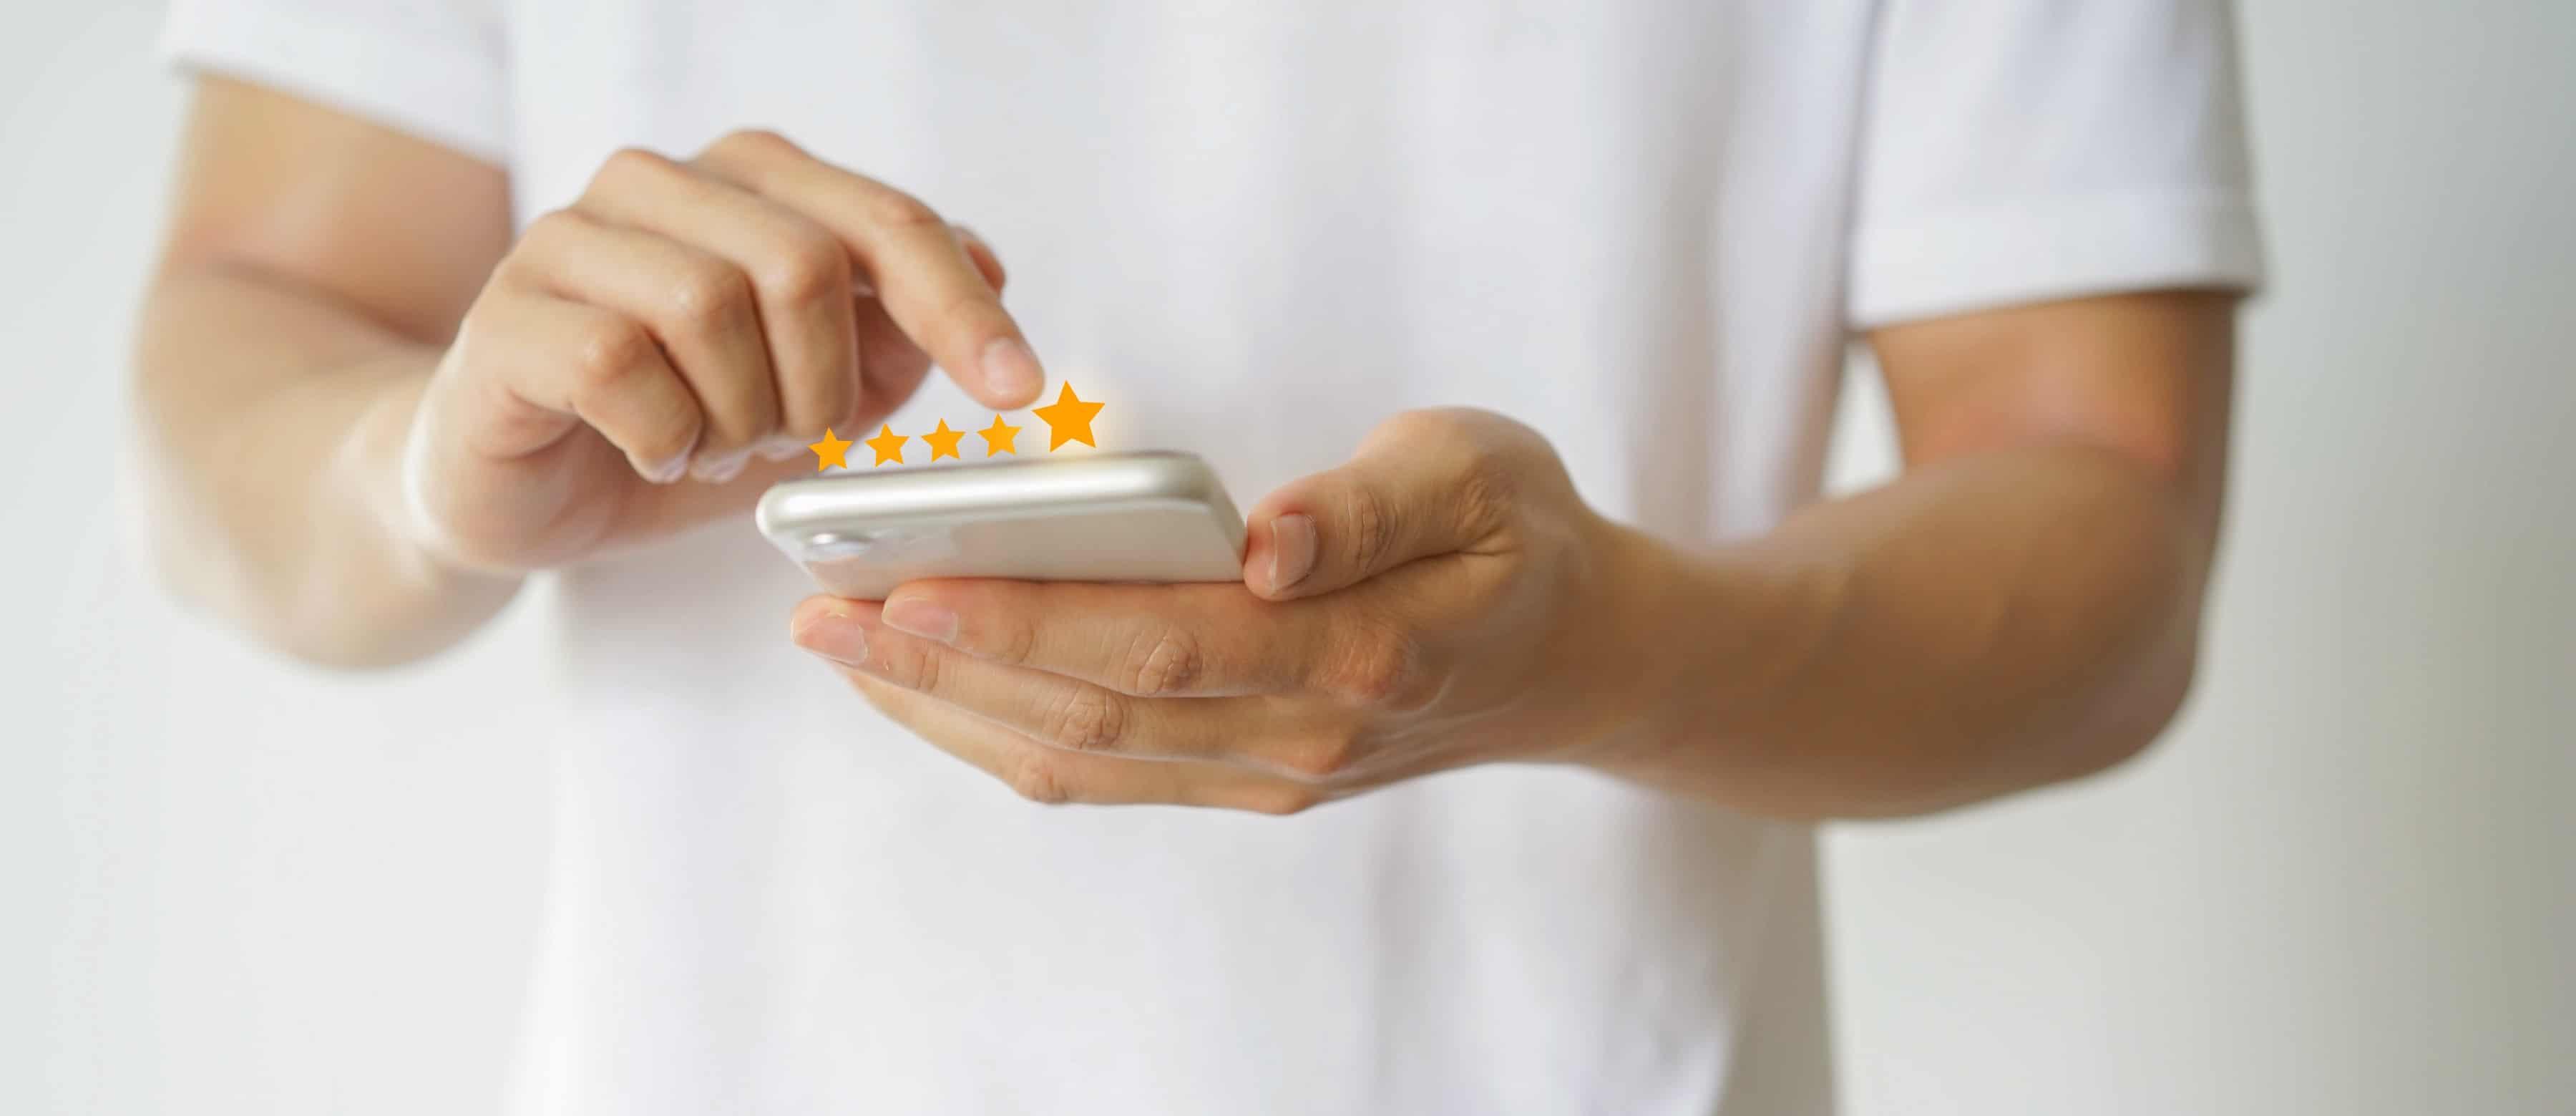 העיקר החוויה: מהי חווית לקוח ולמה היא כל כך חשובה, במיוחד בדיגיטל